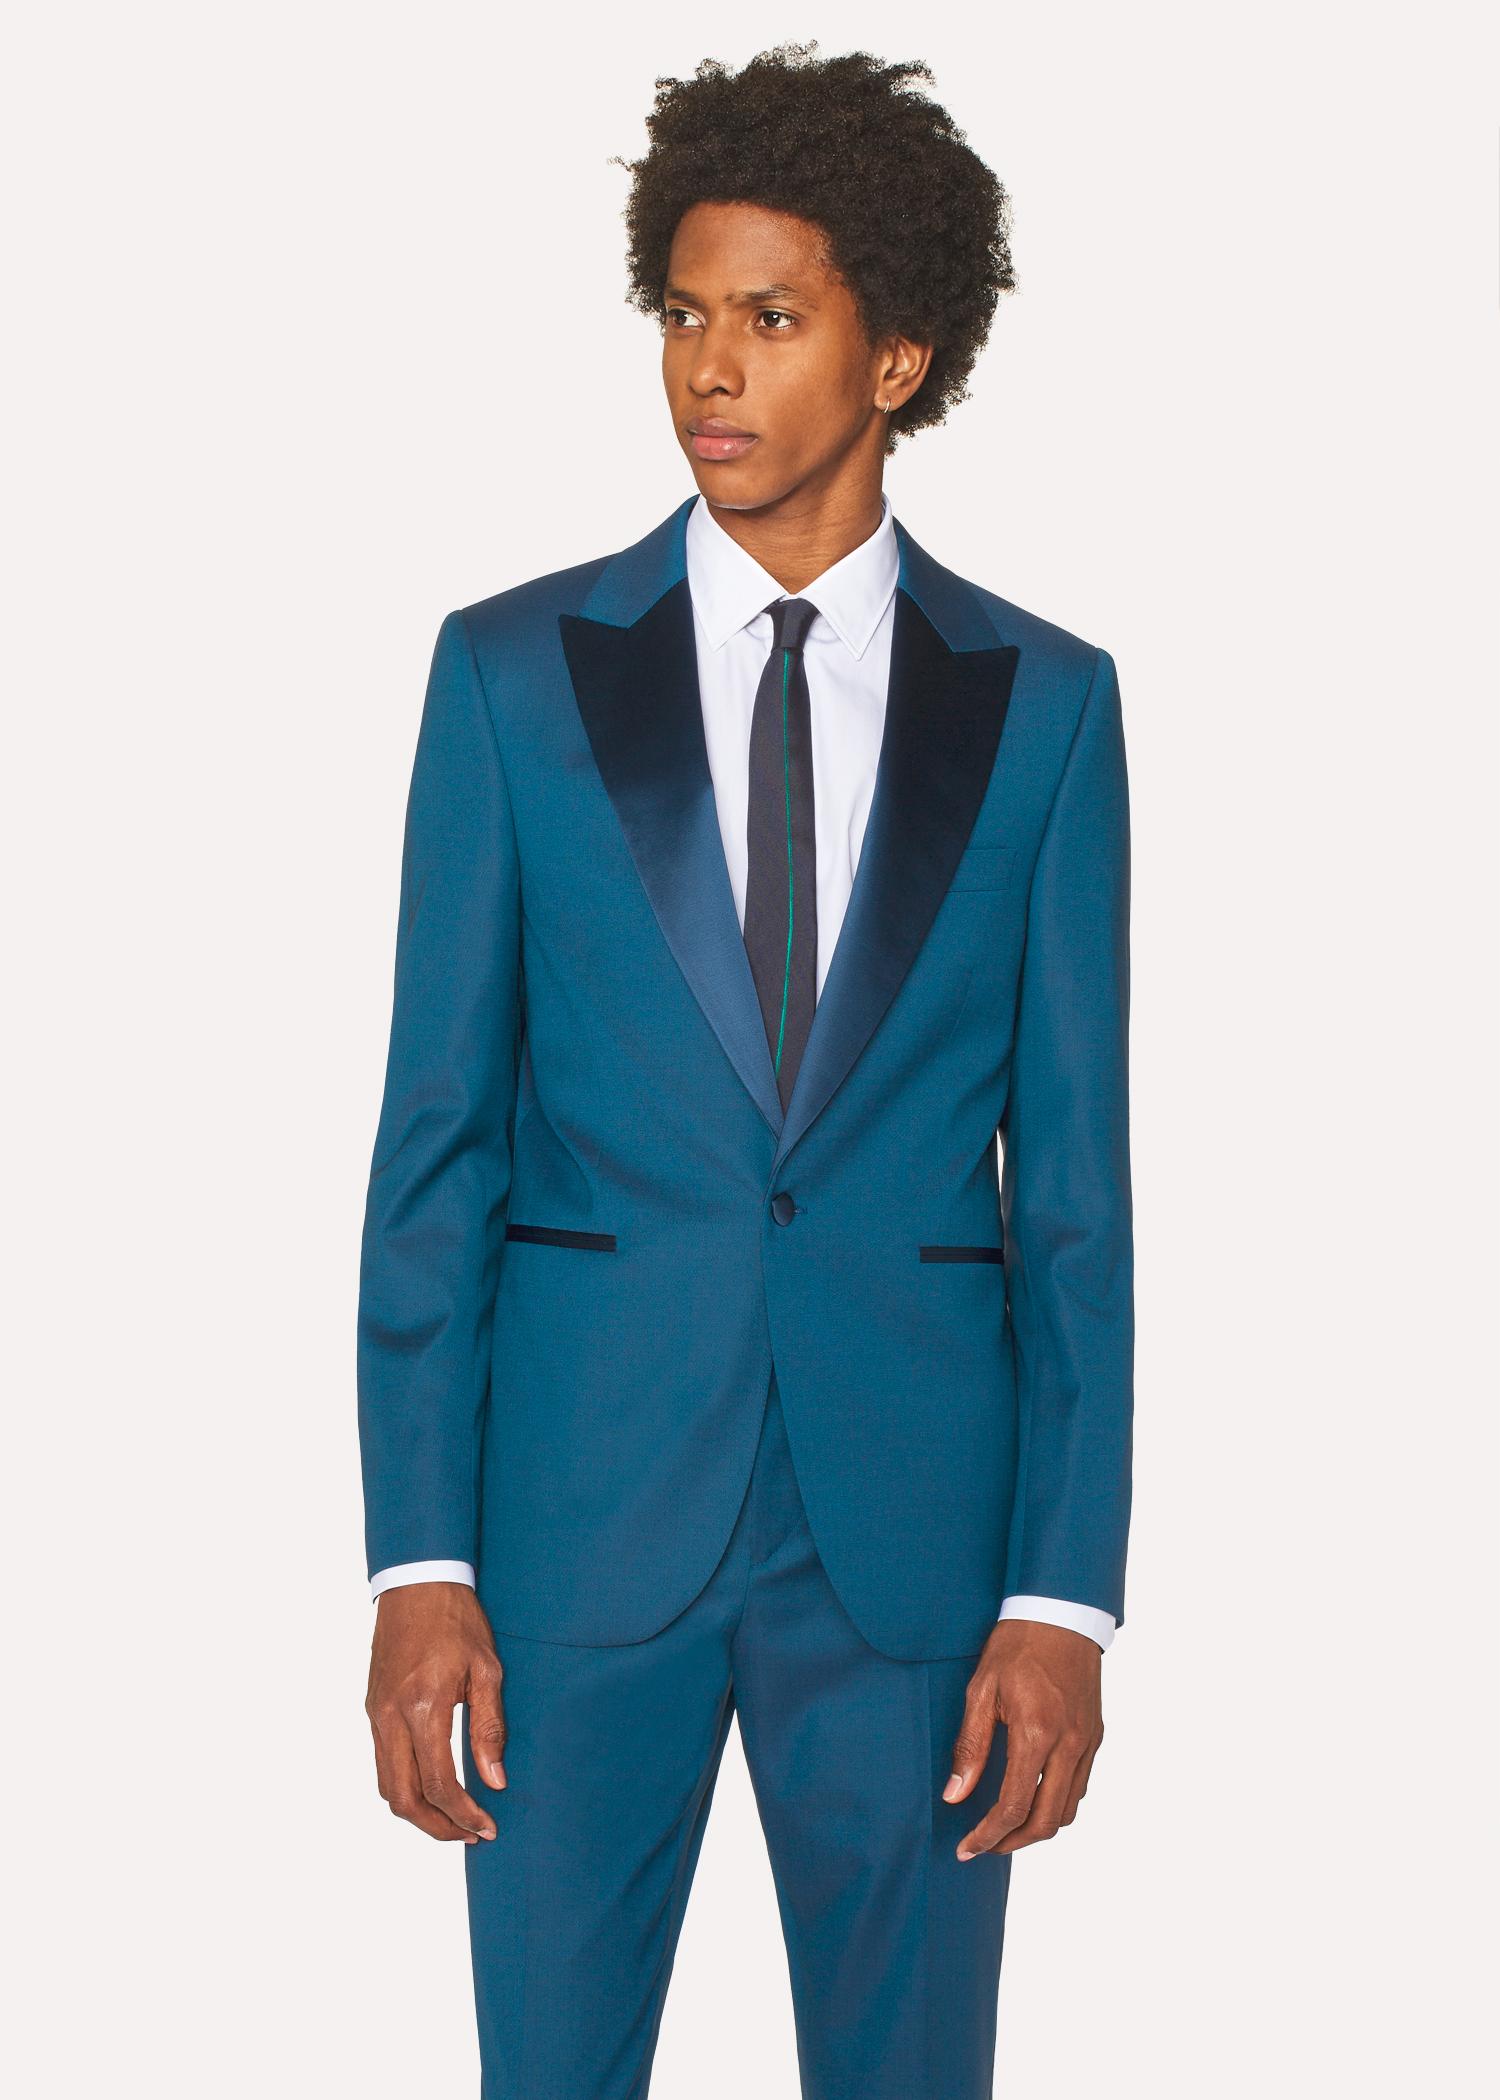 Le Soho - Costume De Soirée Homme Bleu Canard En Laine Coupe Ajustée Paul  Smith d8940f49b96